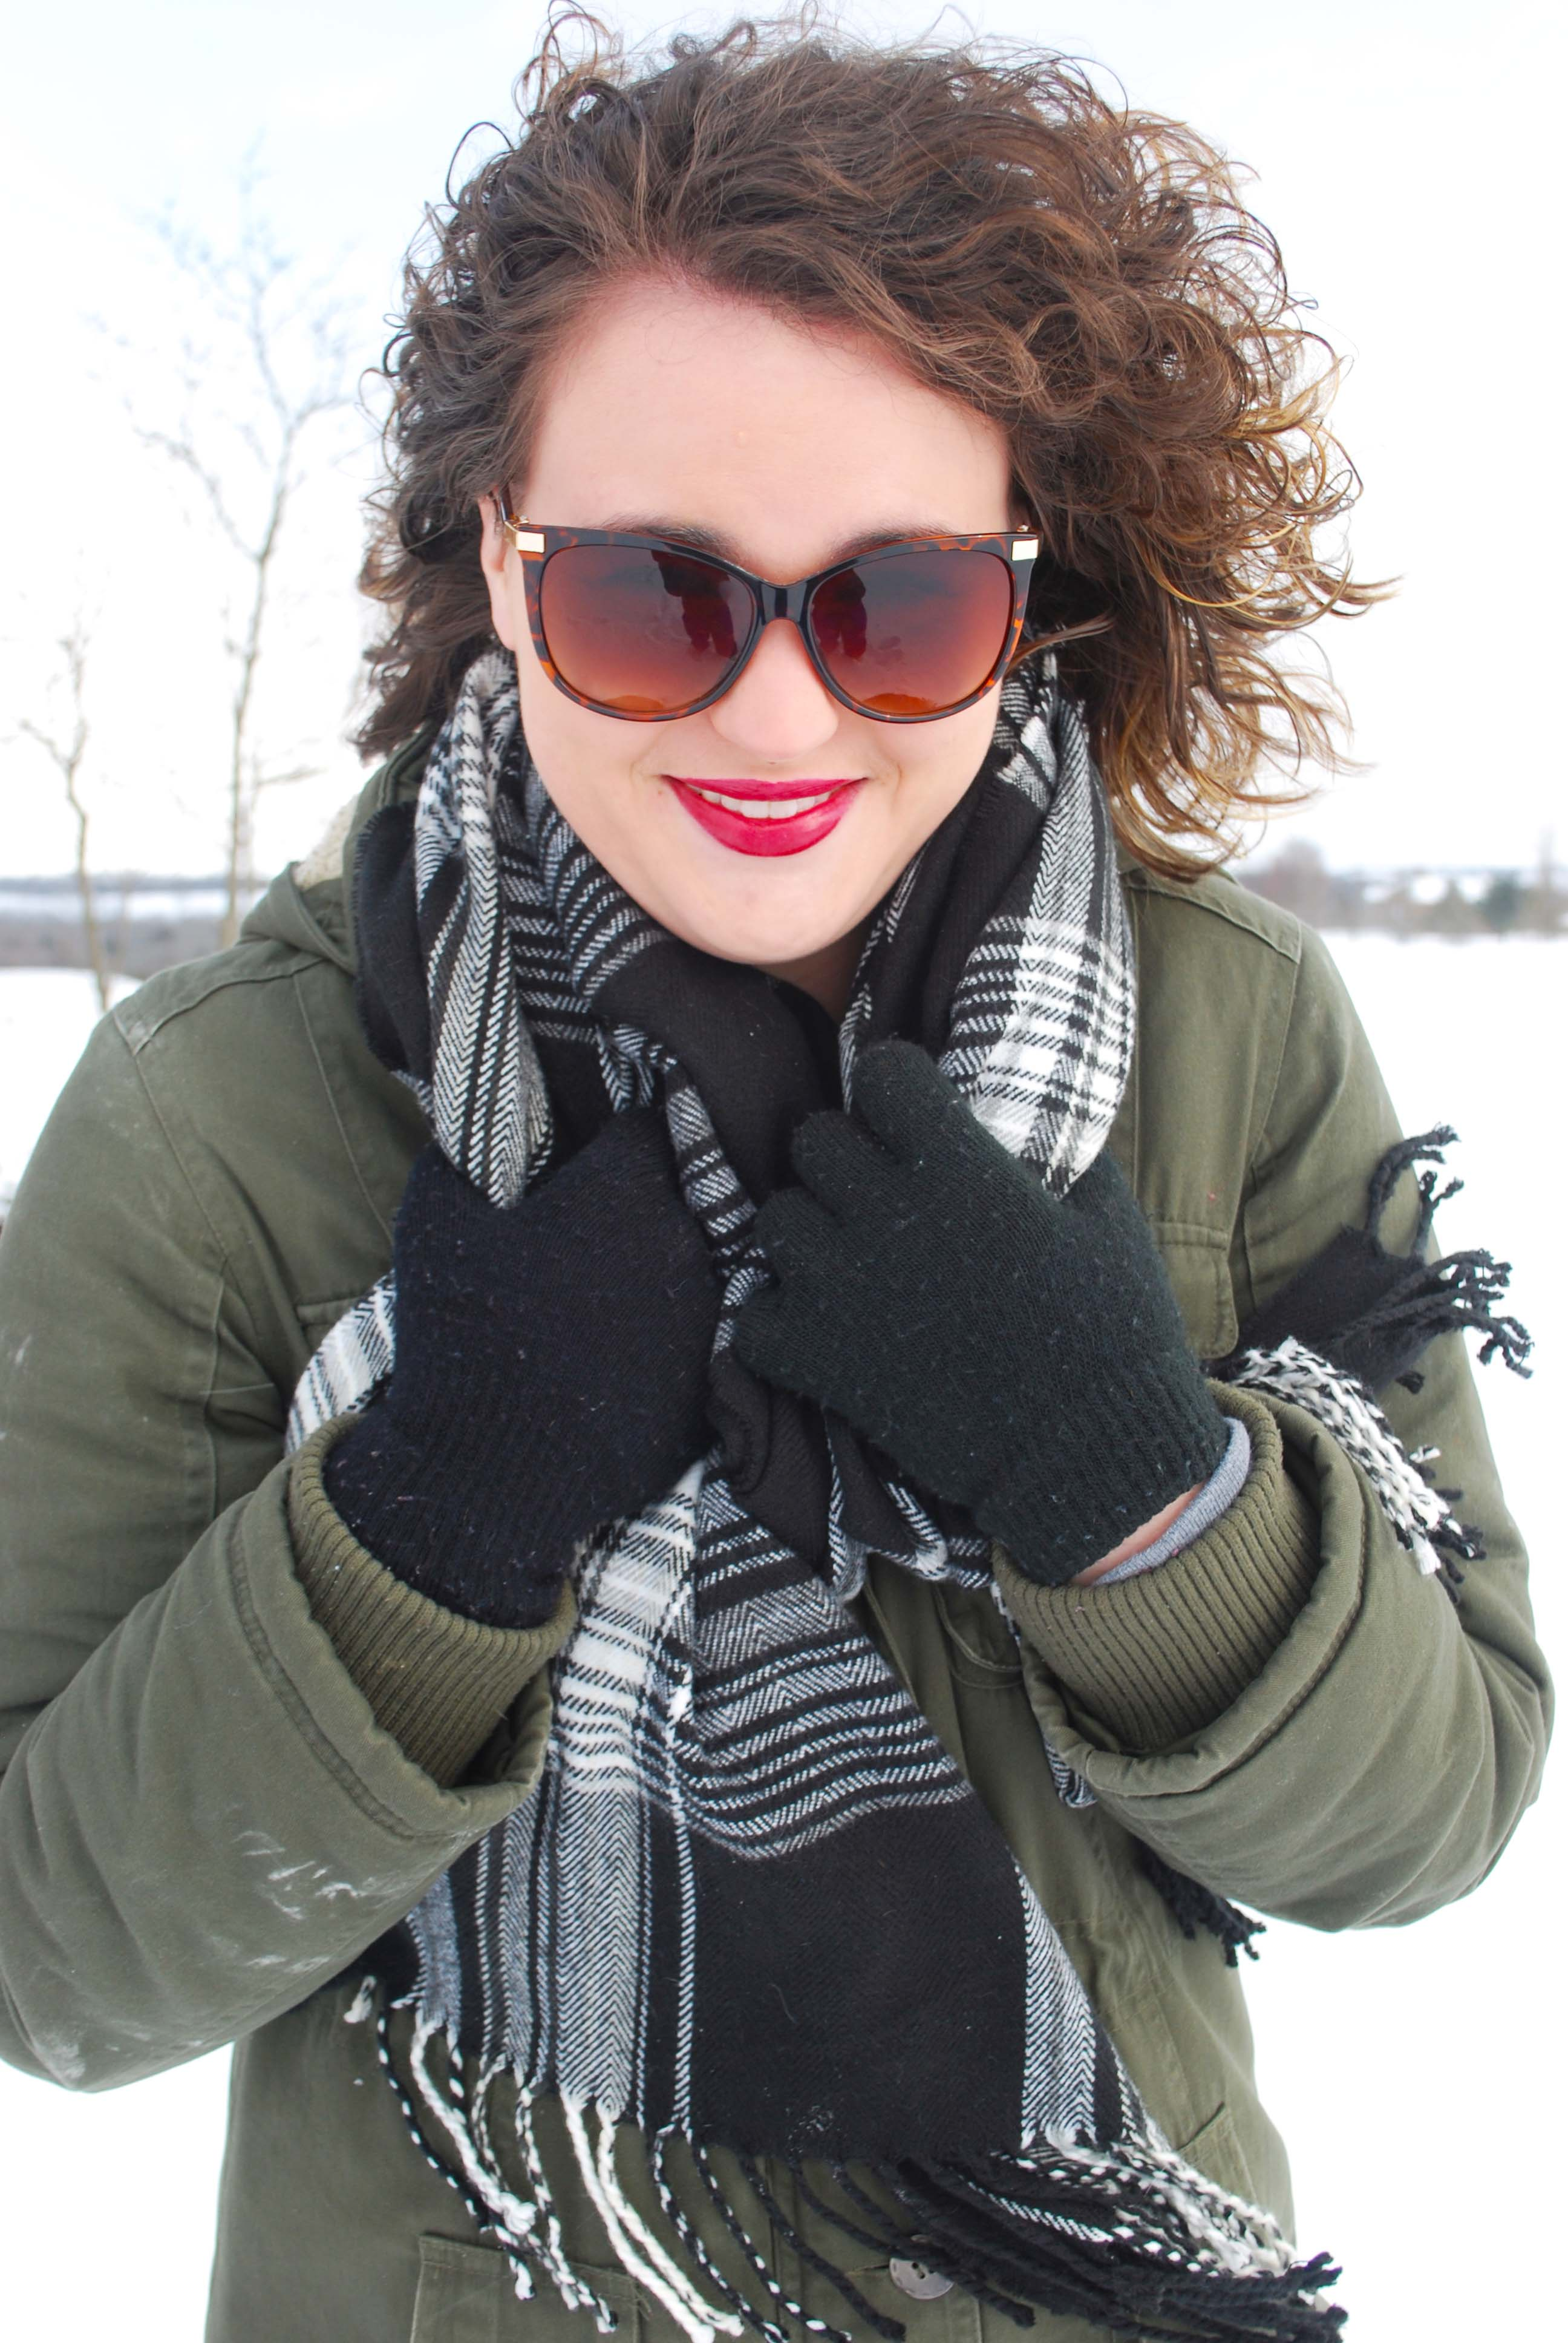 lauren allen fashion blog 2-22-15d